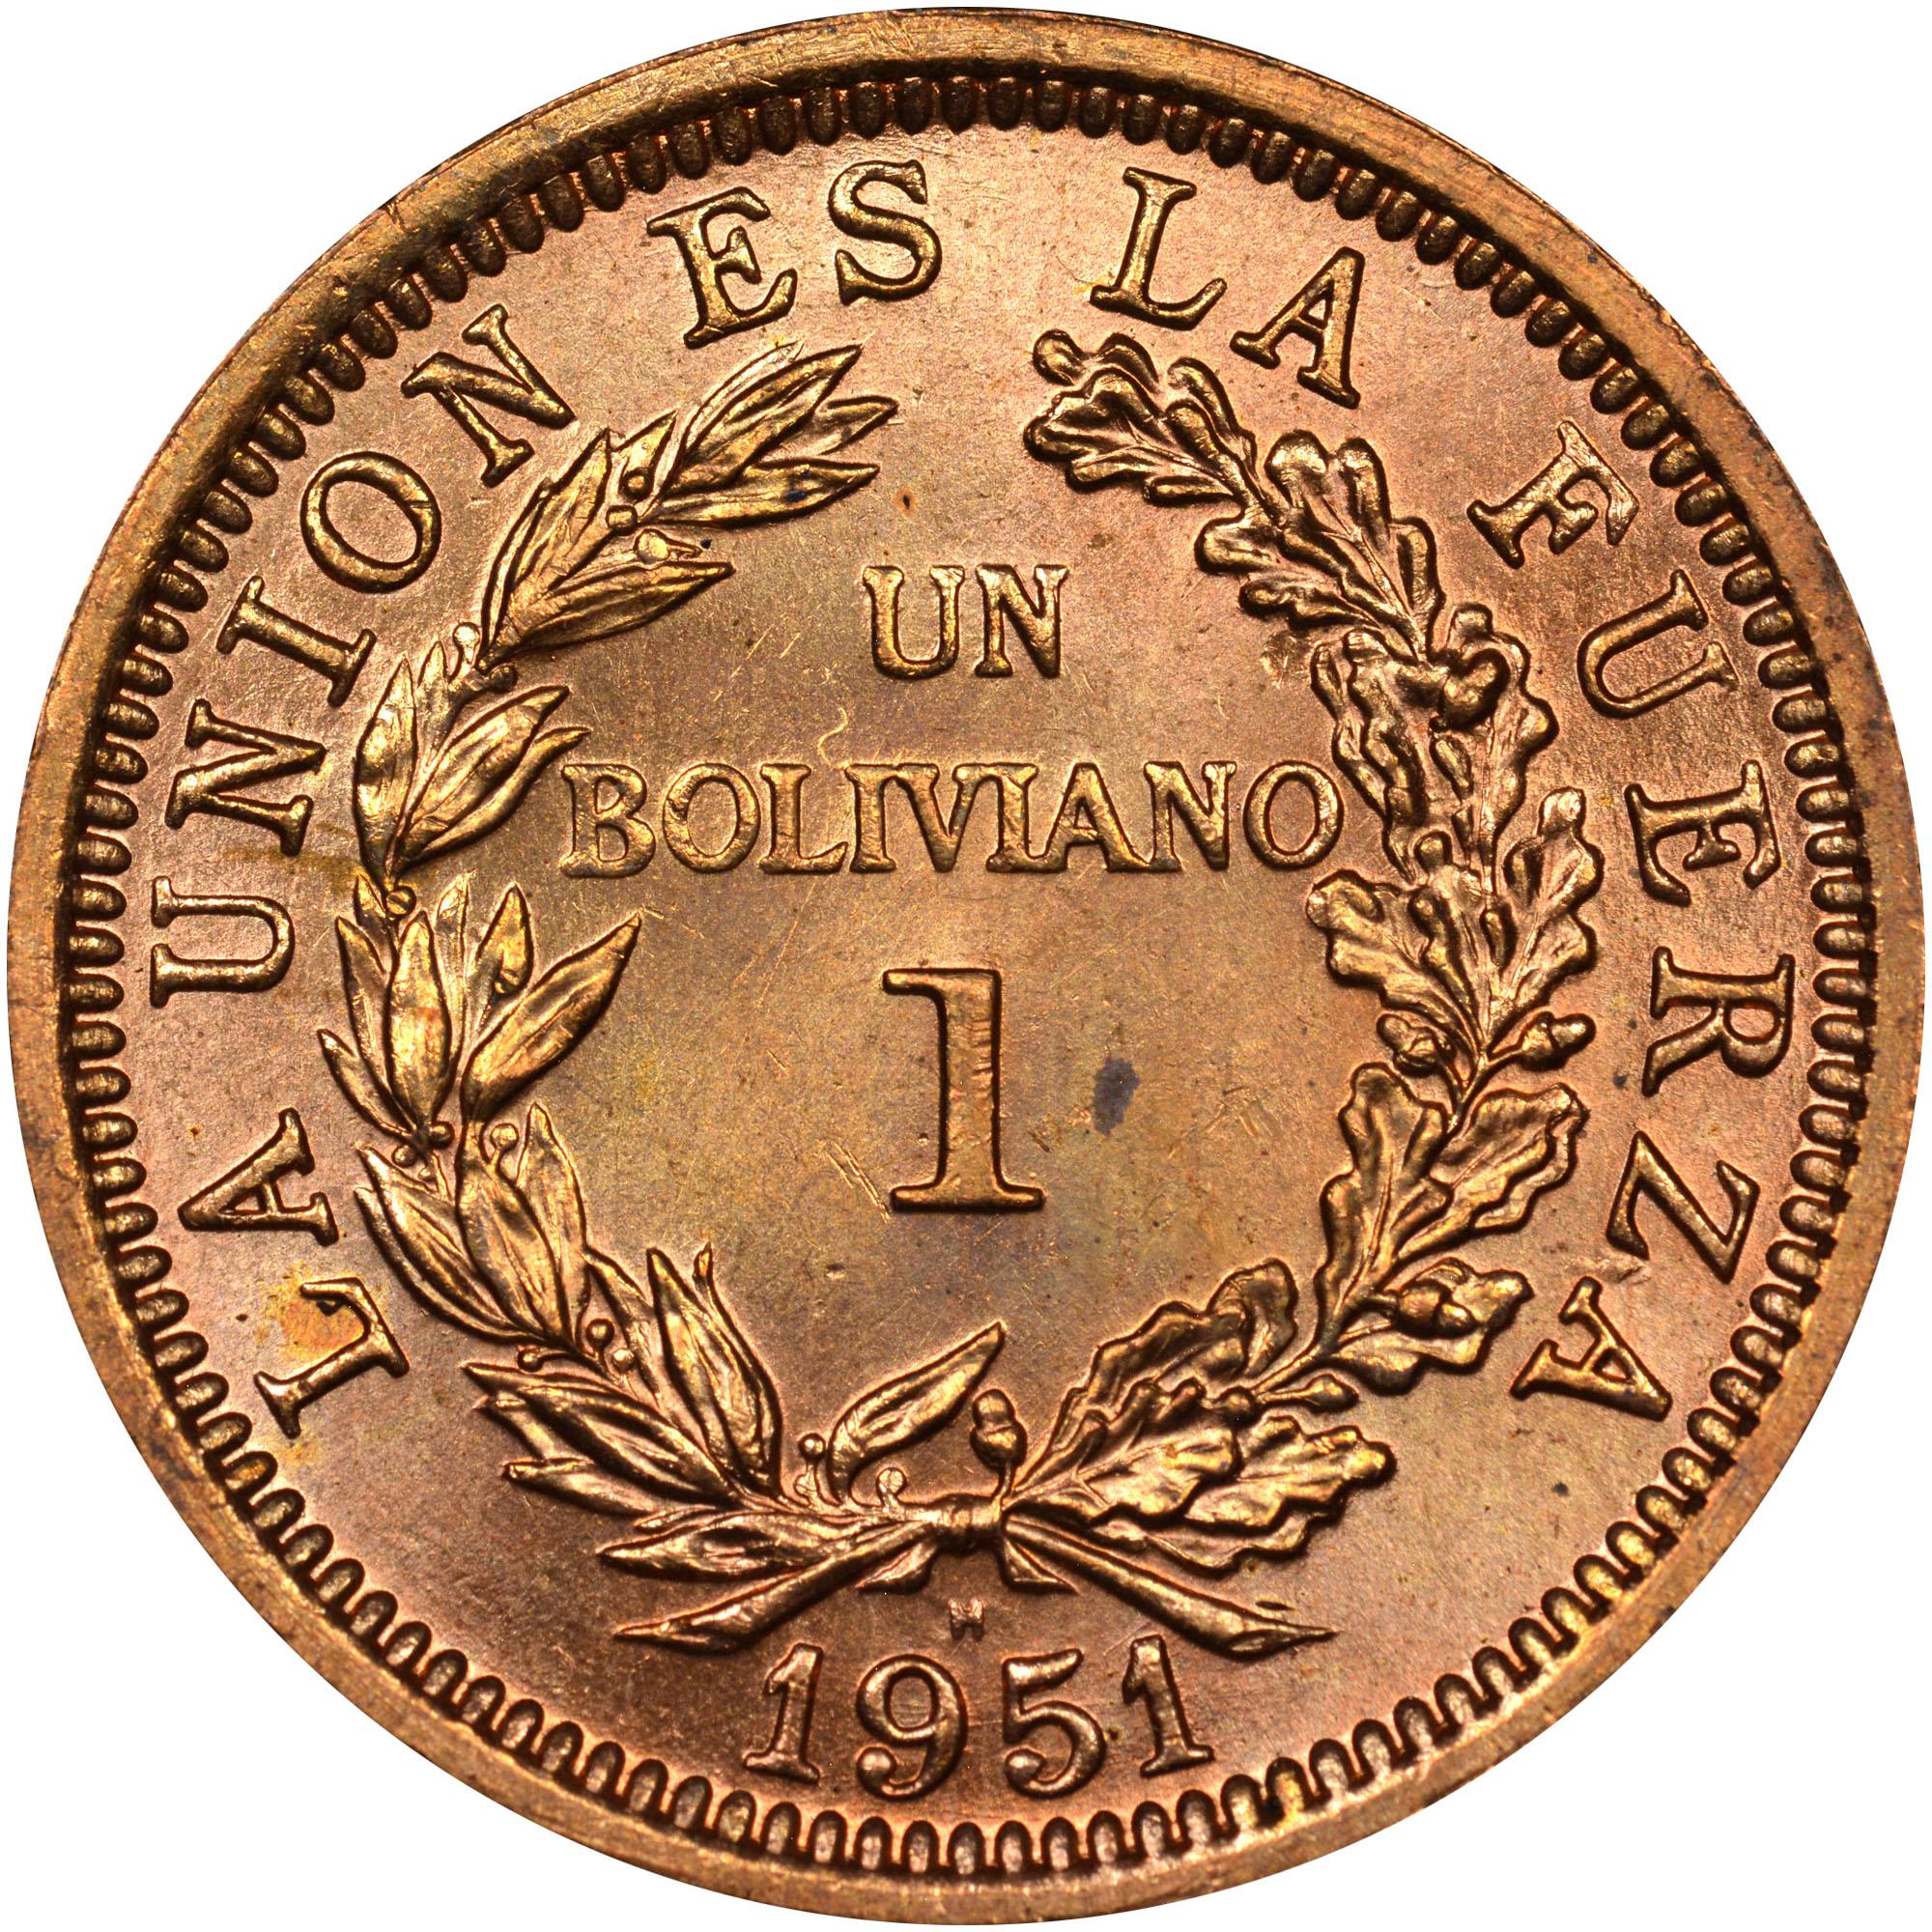 Bolivia Boliviano reverse